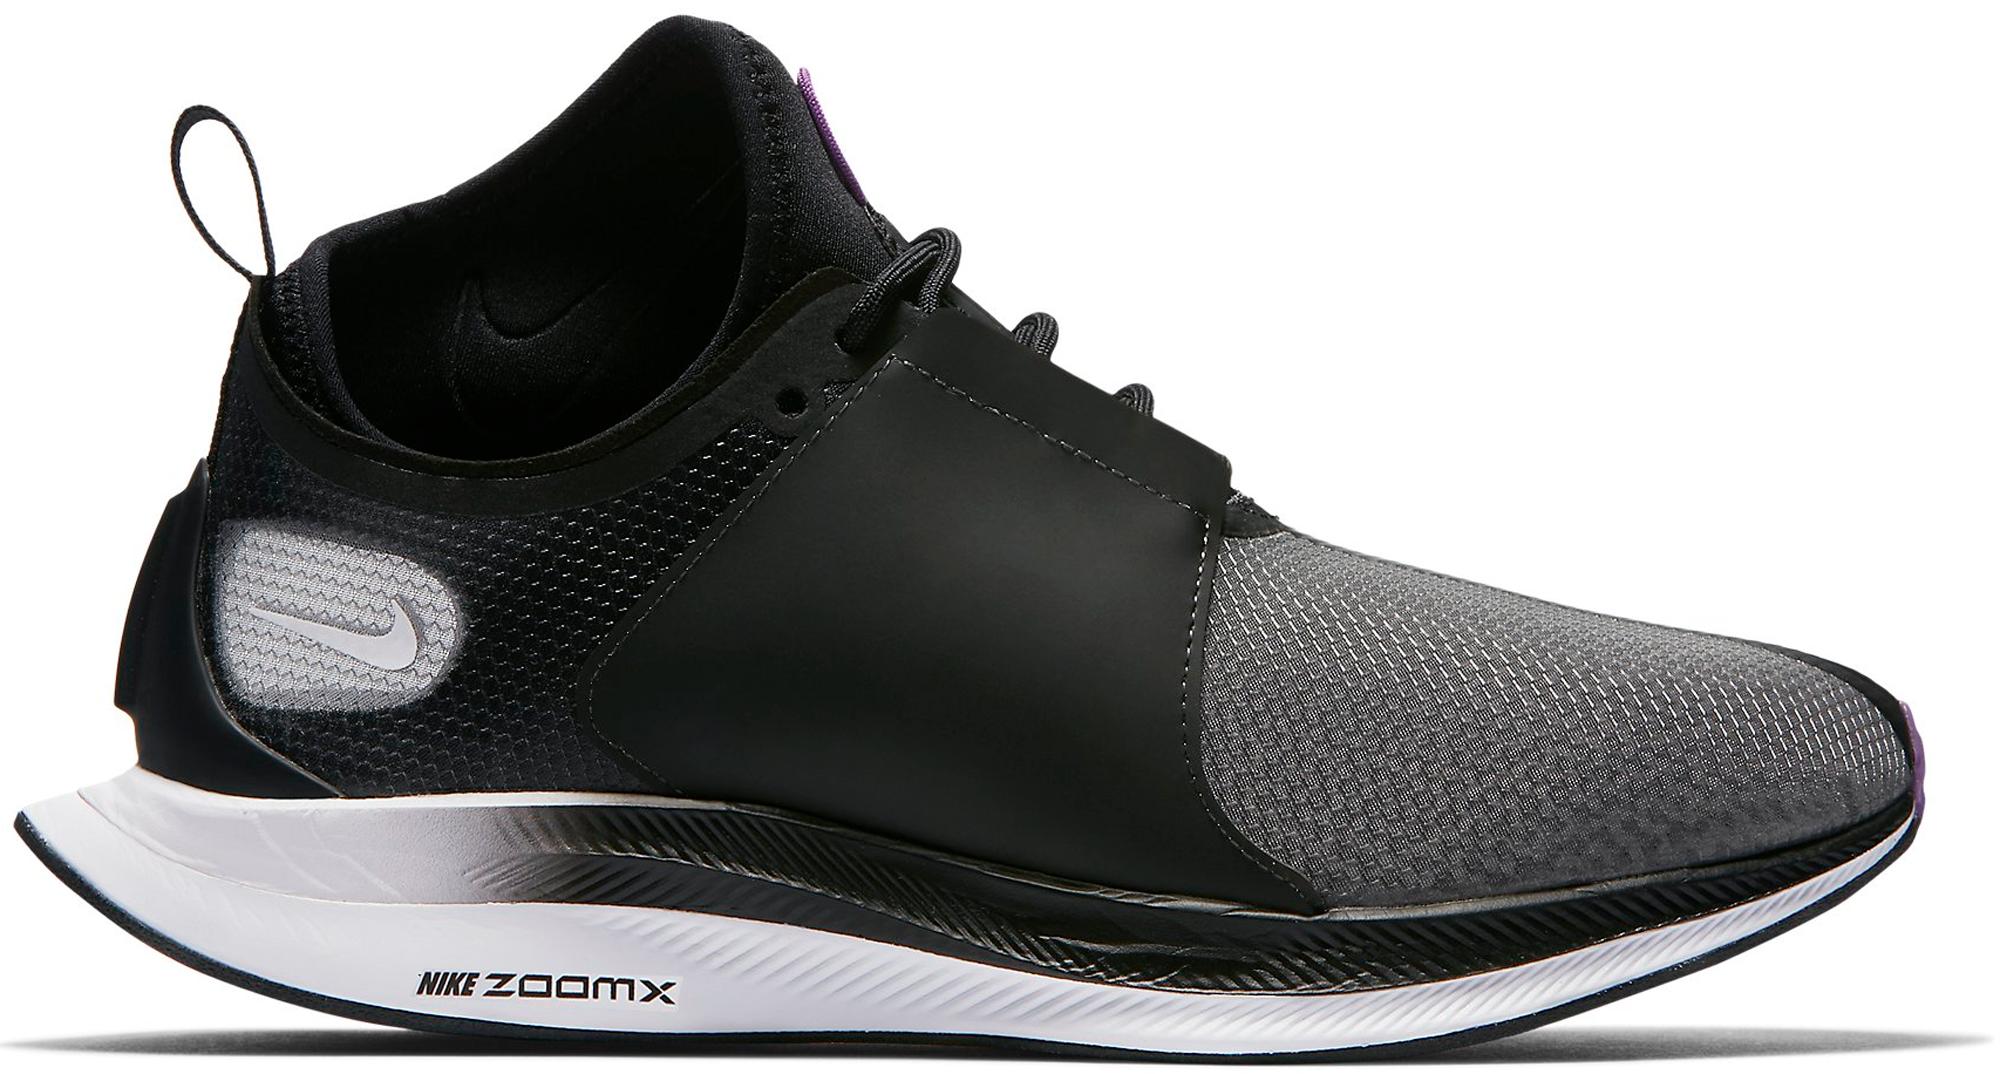 Nike Zoom Pegasus Turbo XX Black Bright Violet (W)